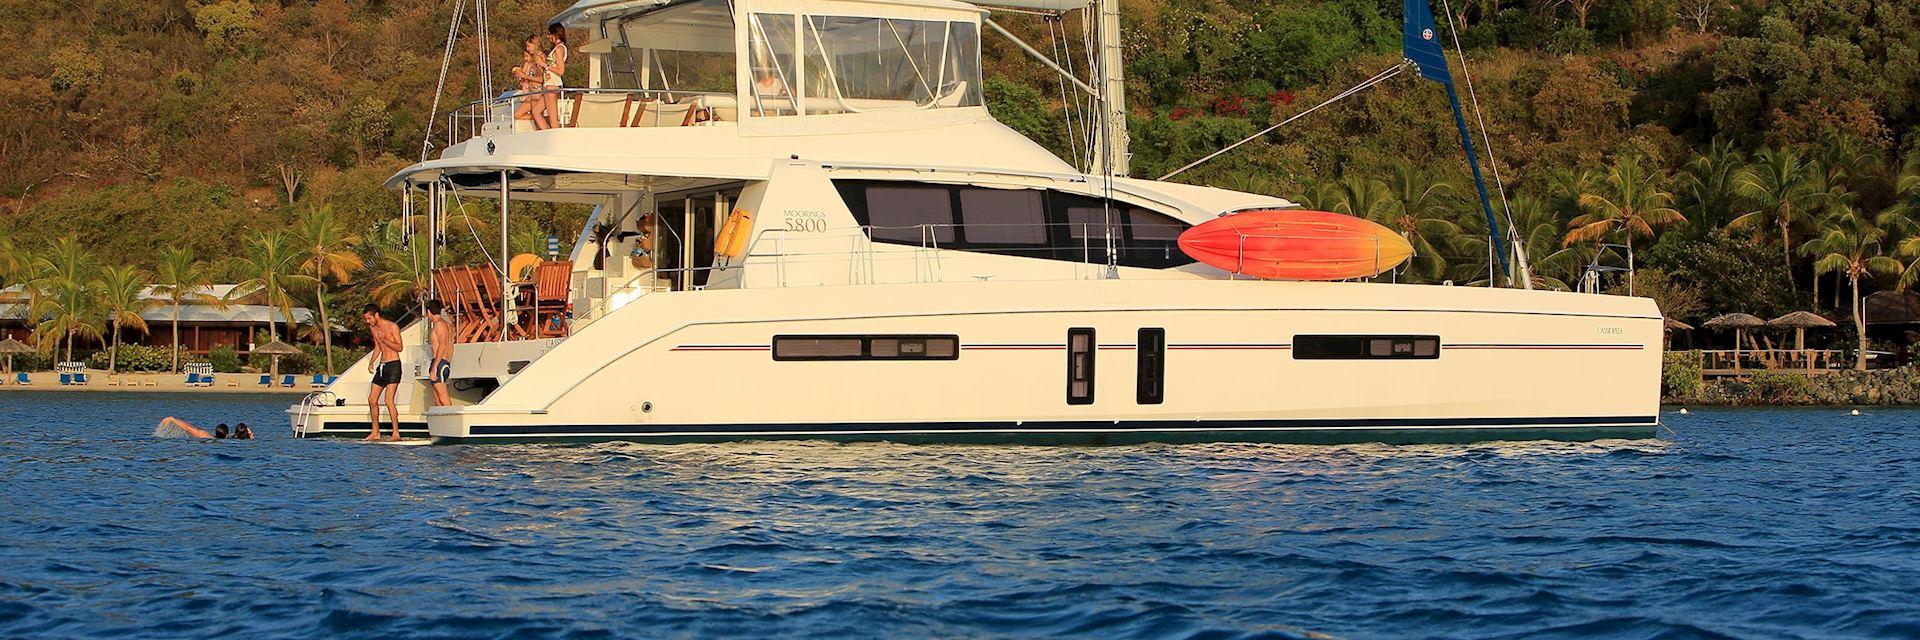 The Moorings 5800 Sail Catamaran, British Virgin Islands